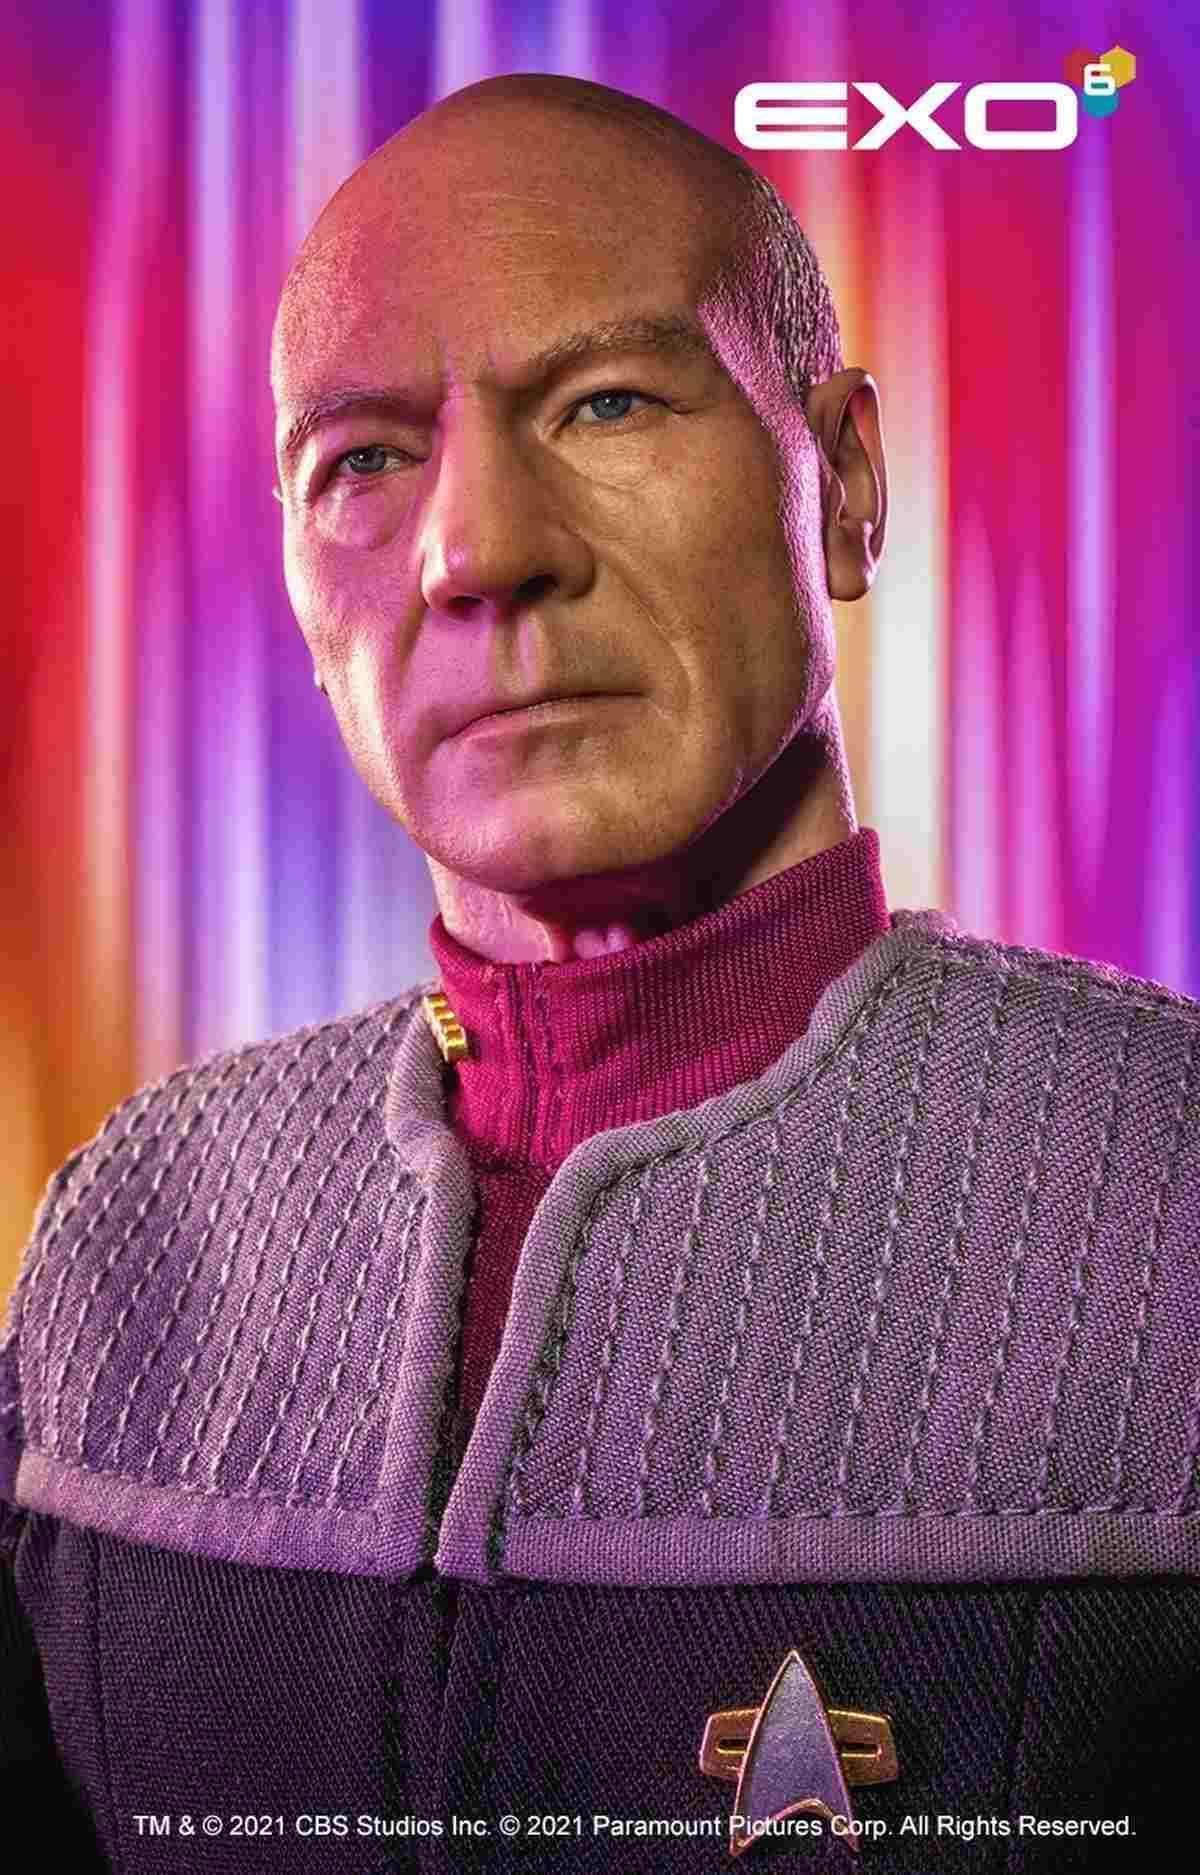 Star Trek First Contact Picard Exo 6 3